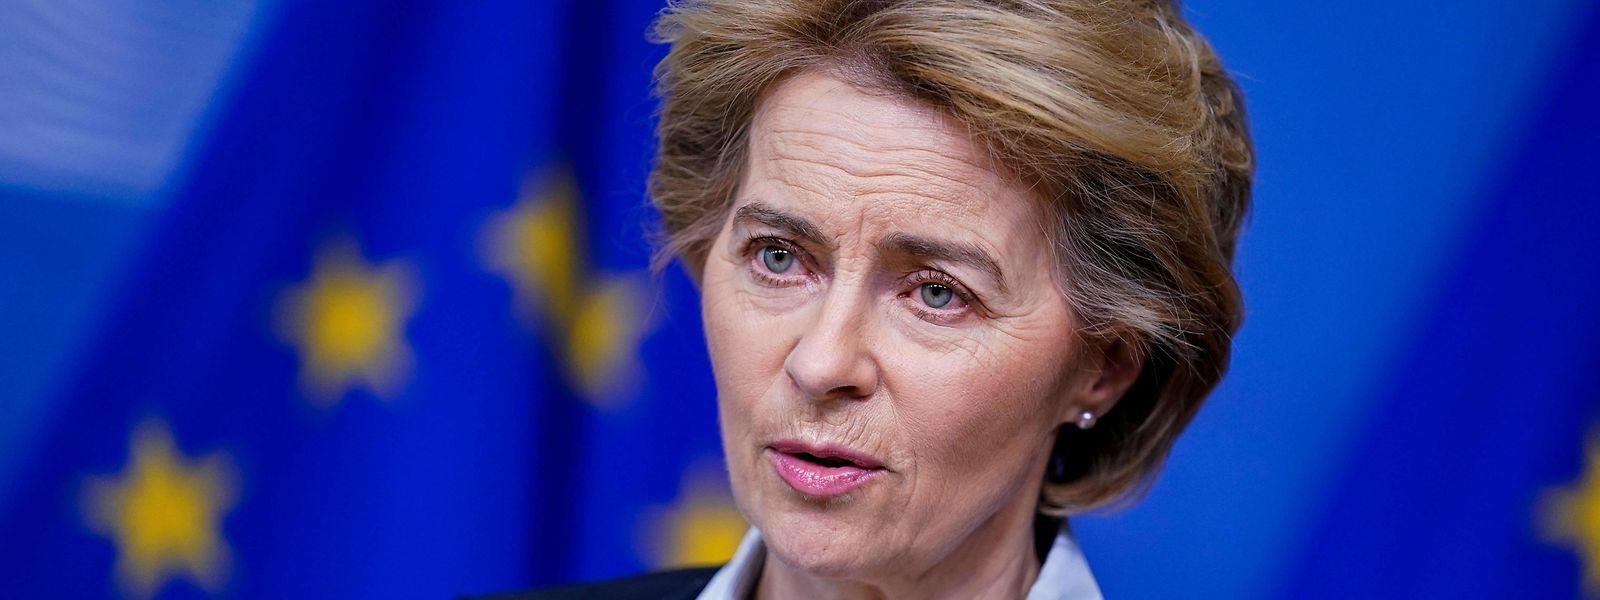 La présidente de la Commission européenne débloquera déjà cette semaine 7,5 milliards d'euros.